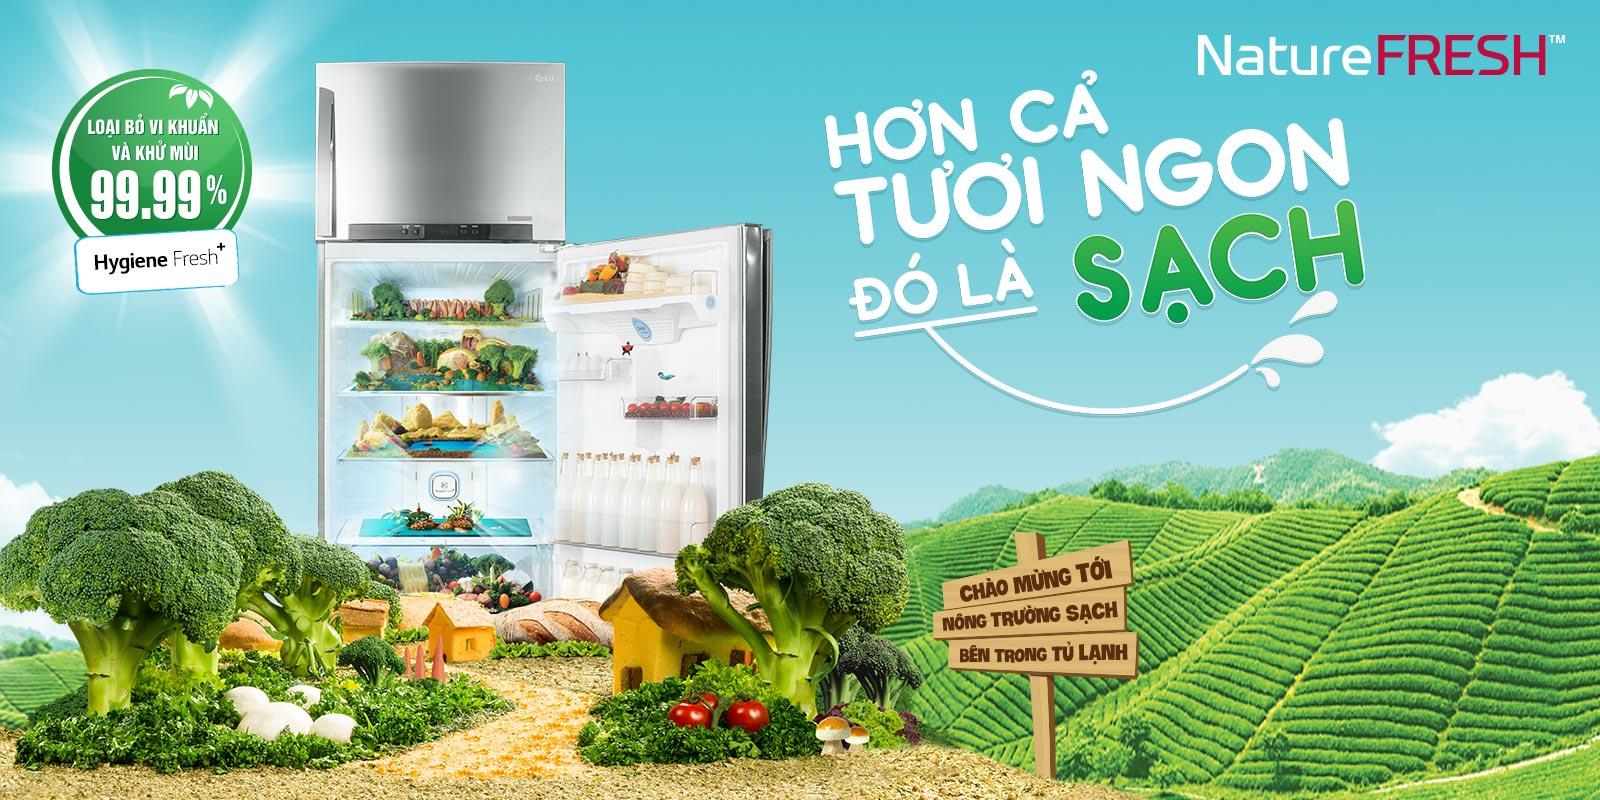 Tìm hiểu về bộ lọc Hygiene Fresh+ mới trên tủ lạnh LG